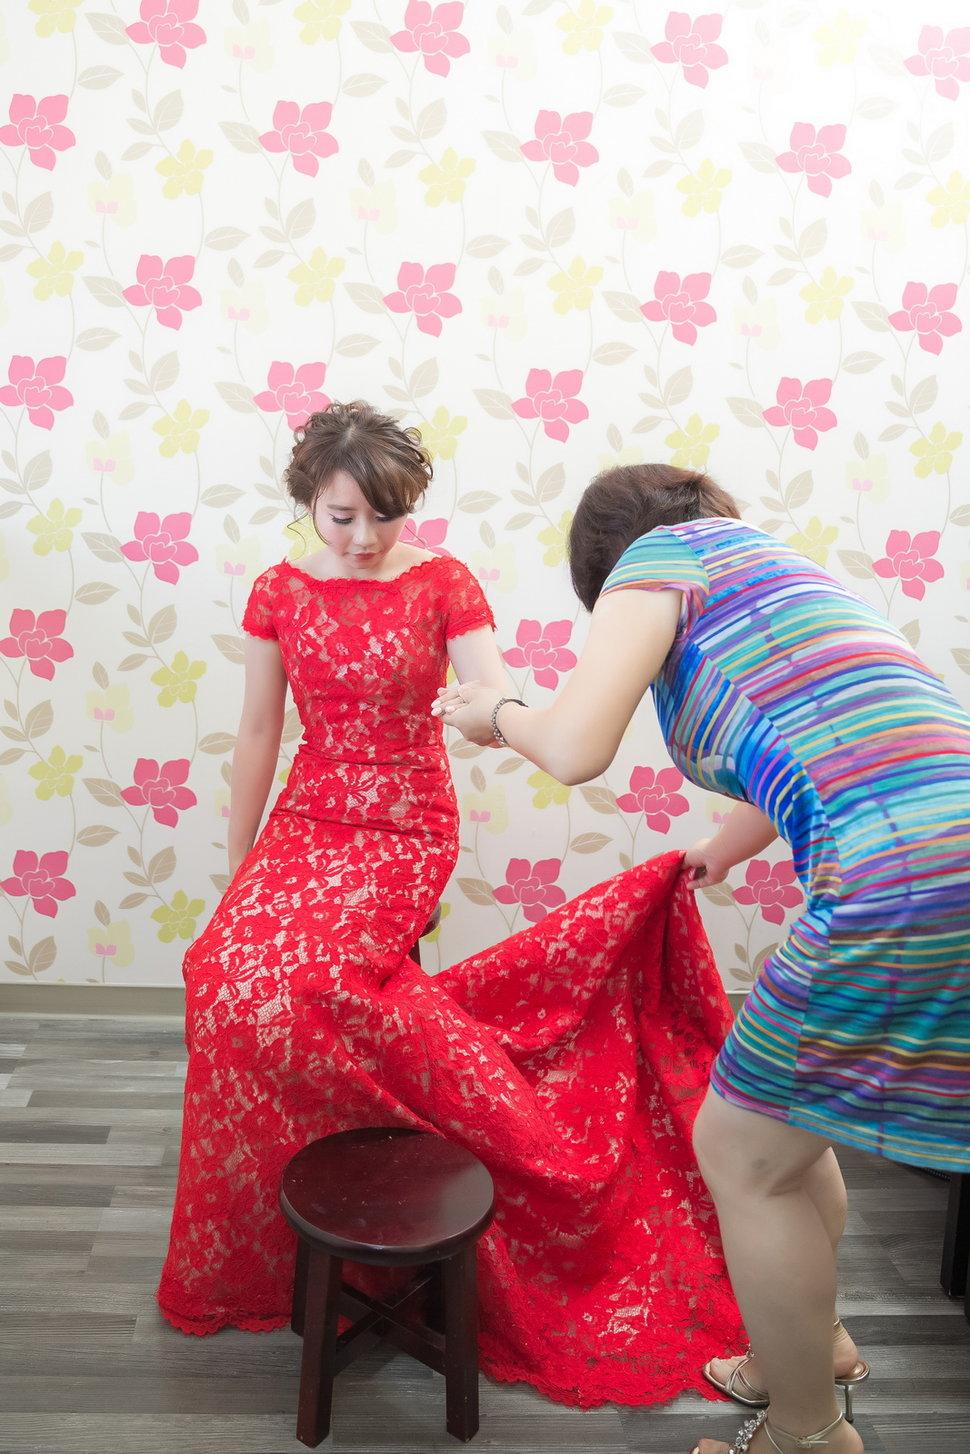 婚禮記錄- 南崁萬翔餐廳-婚攝阿卜(編號:400175) - 阿卜的攝影工作室 - 結婚吧